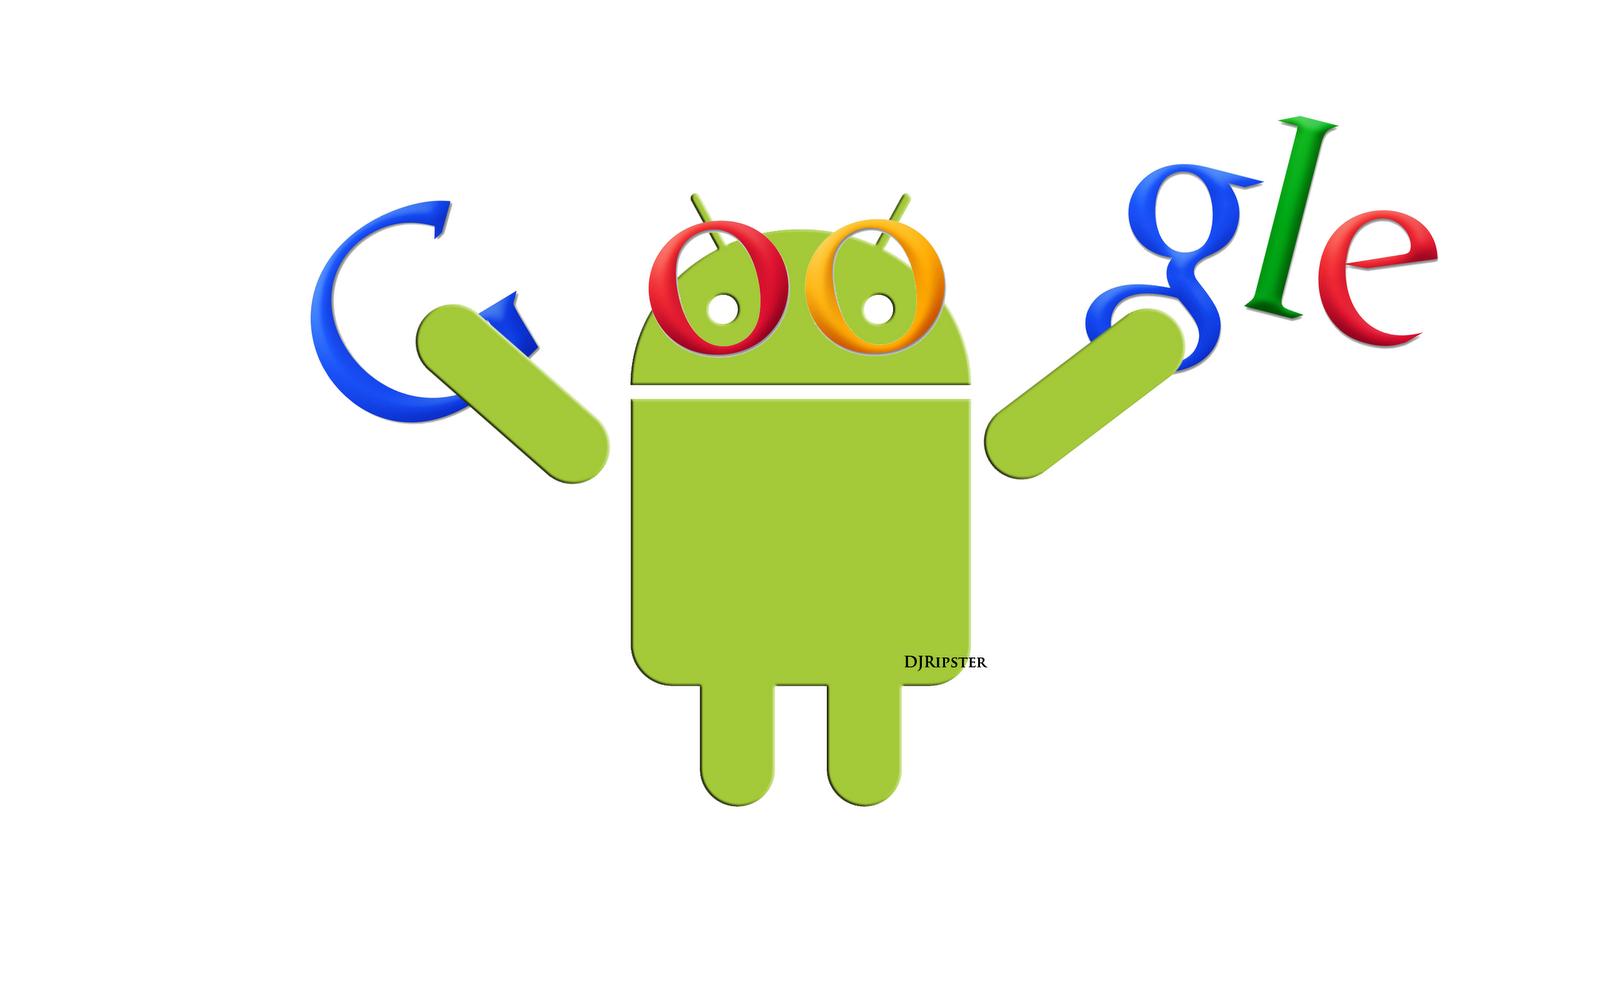 Google di nuovo sotto inchiesta per Android